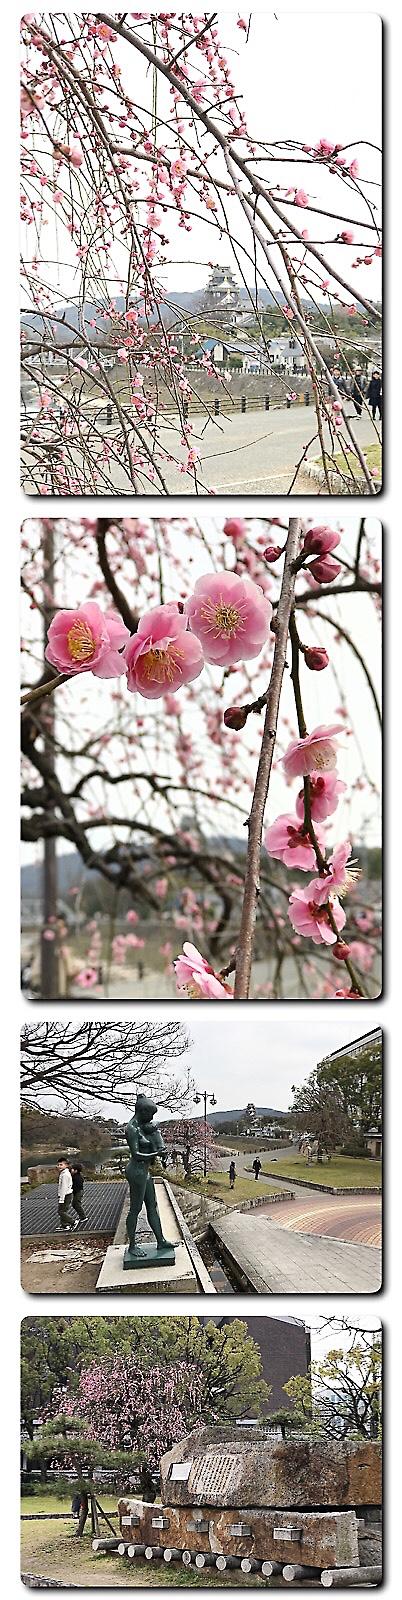 石山公園の枝垂れ梅咲きそろう